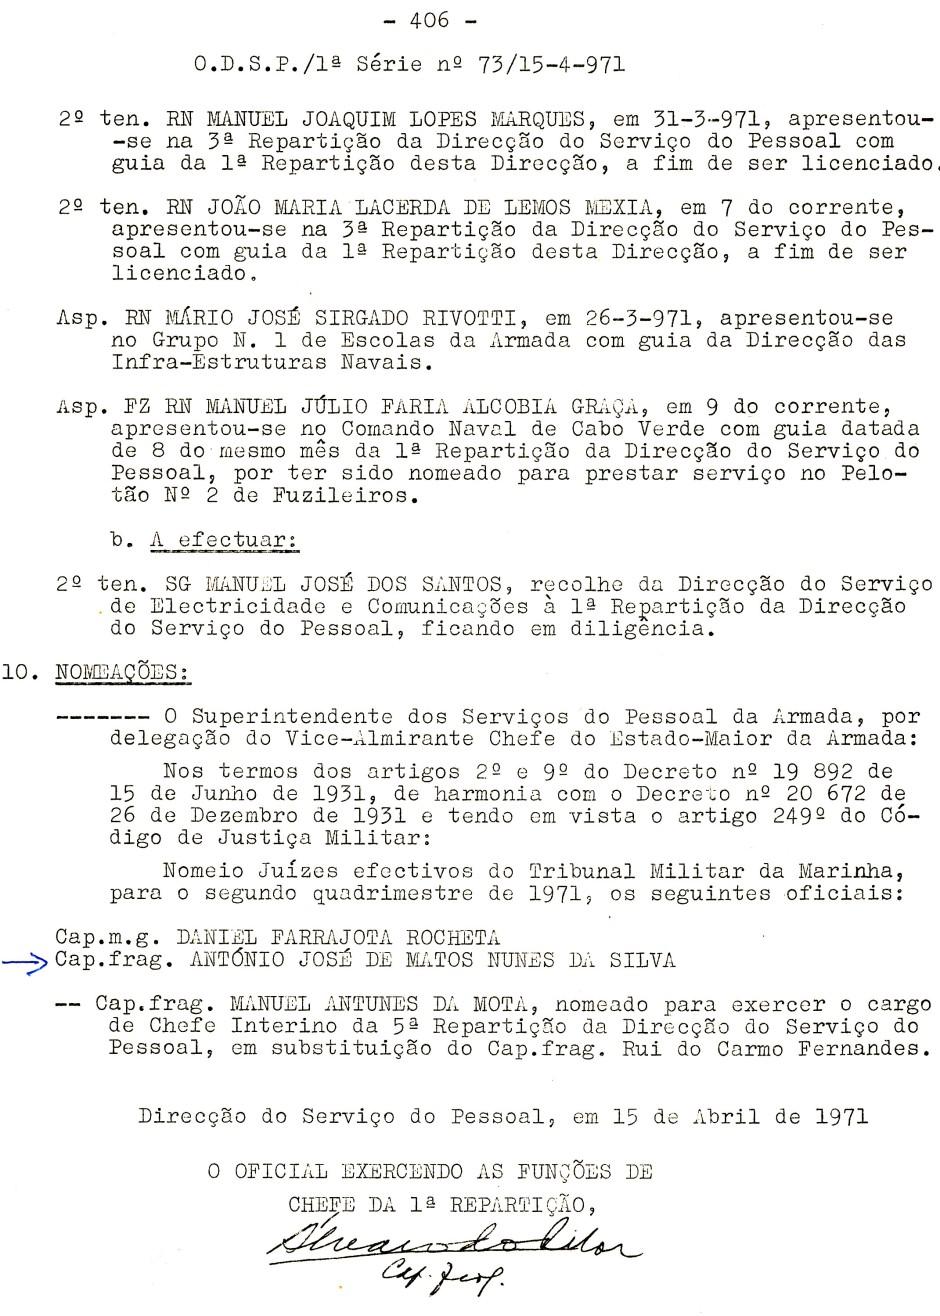 00557 971-04-15 Juíz efectivo do Tribunal Militar de Marinha para o 2º quadrimestre de 1971 -ODSP 1ª S 73 de 15-4